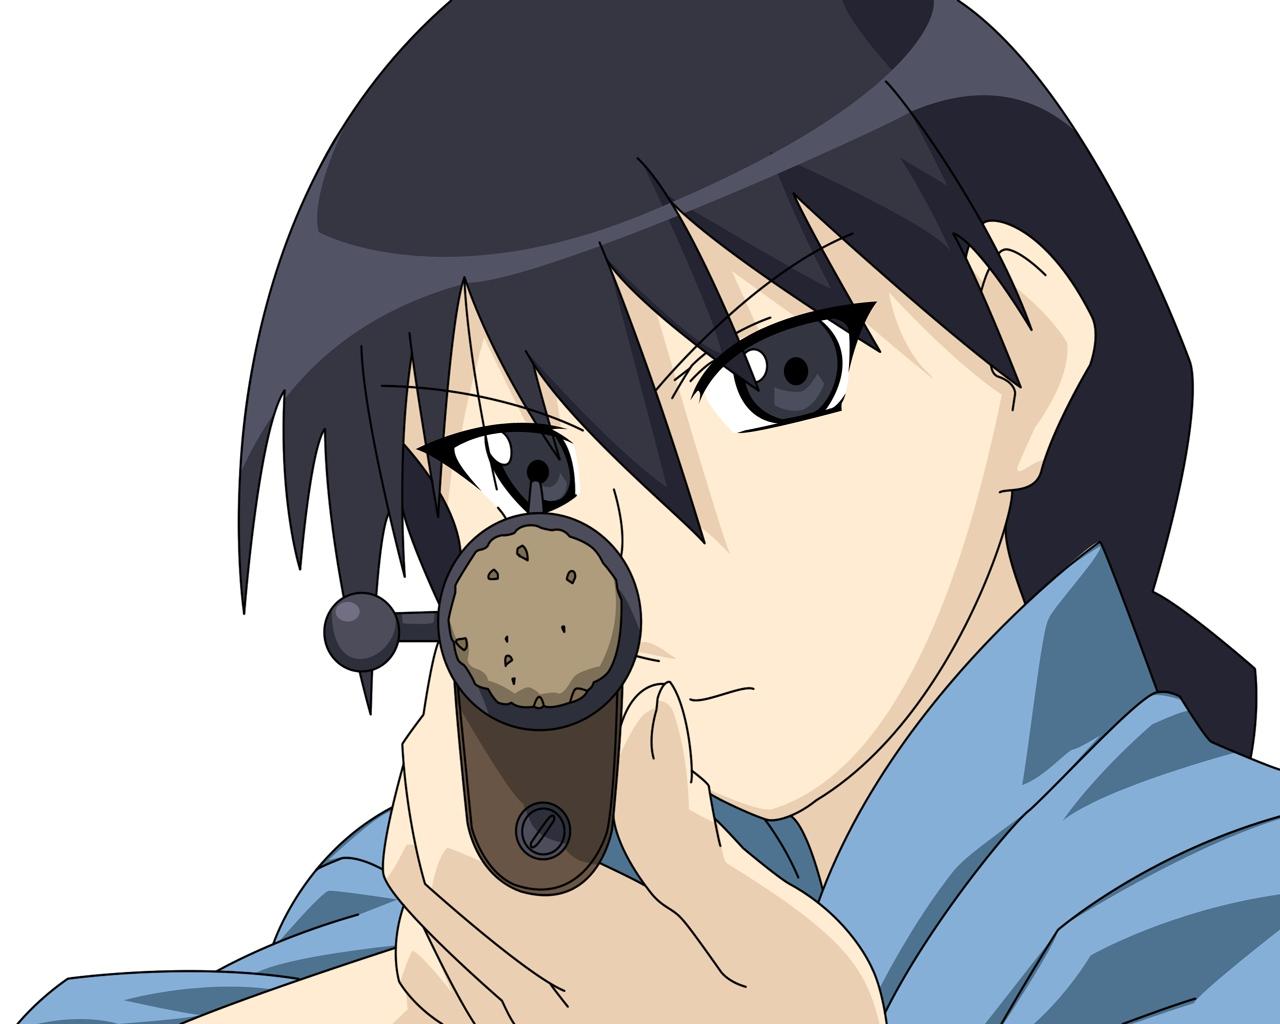 azumanga_daioh black_eyes black_hair gun sakaki weapon white